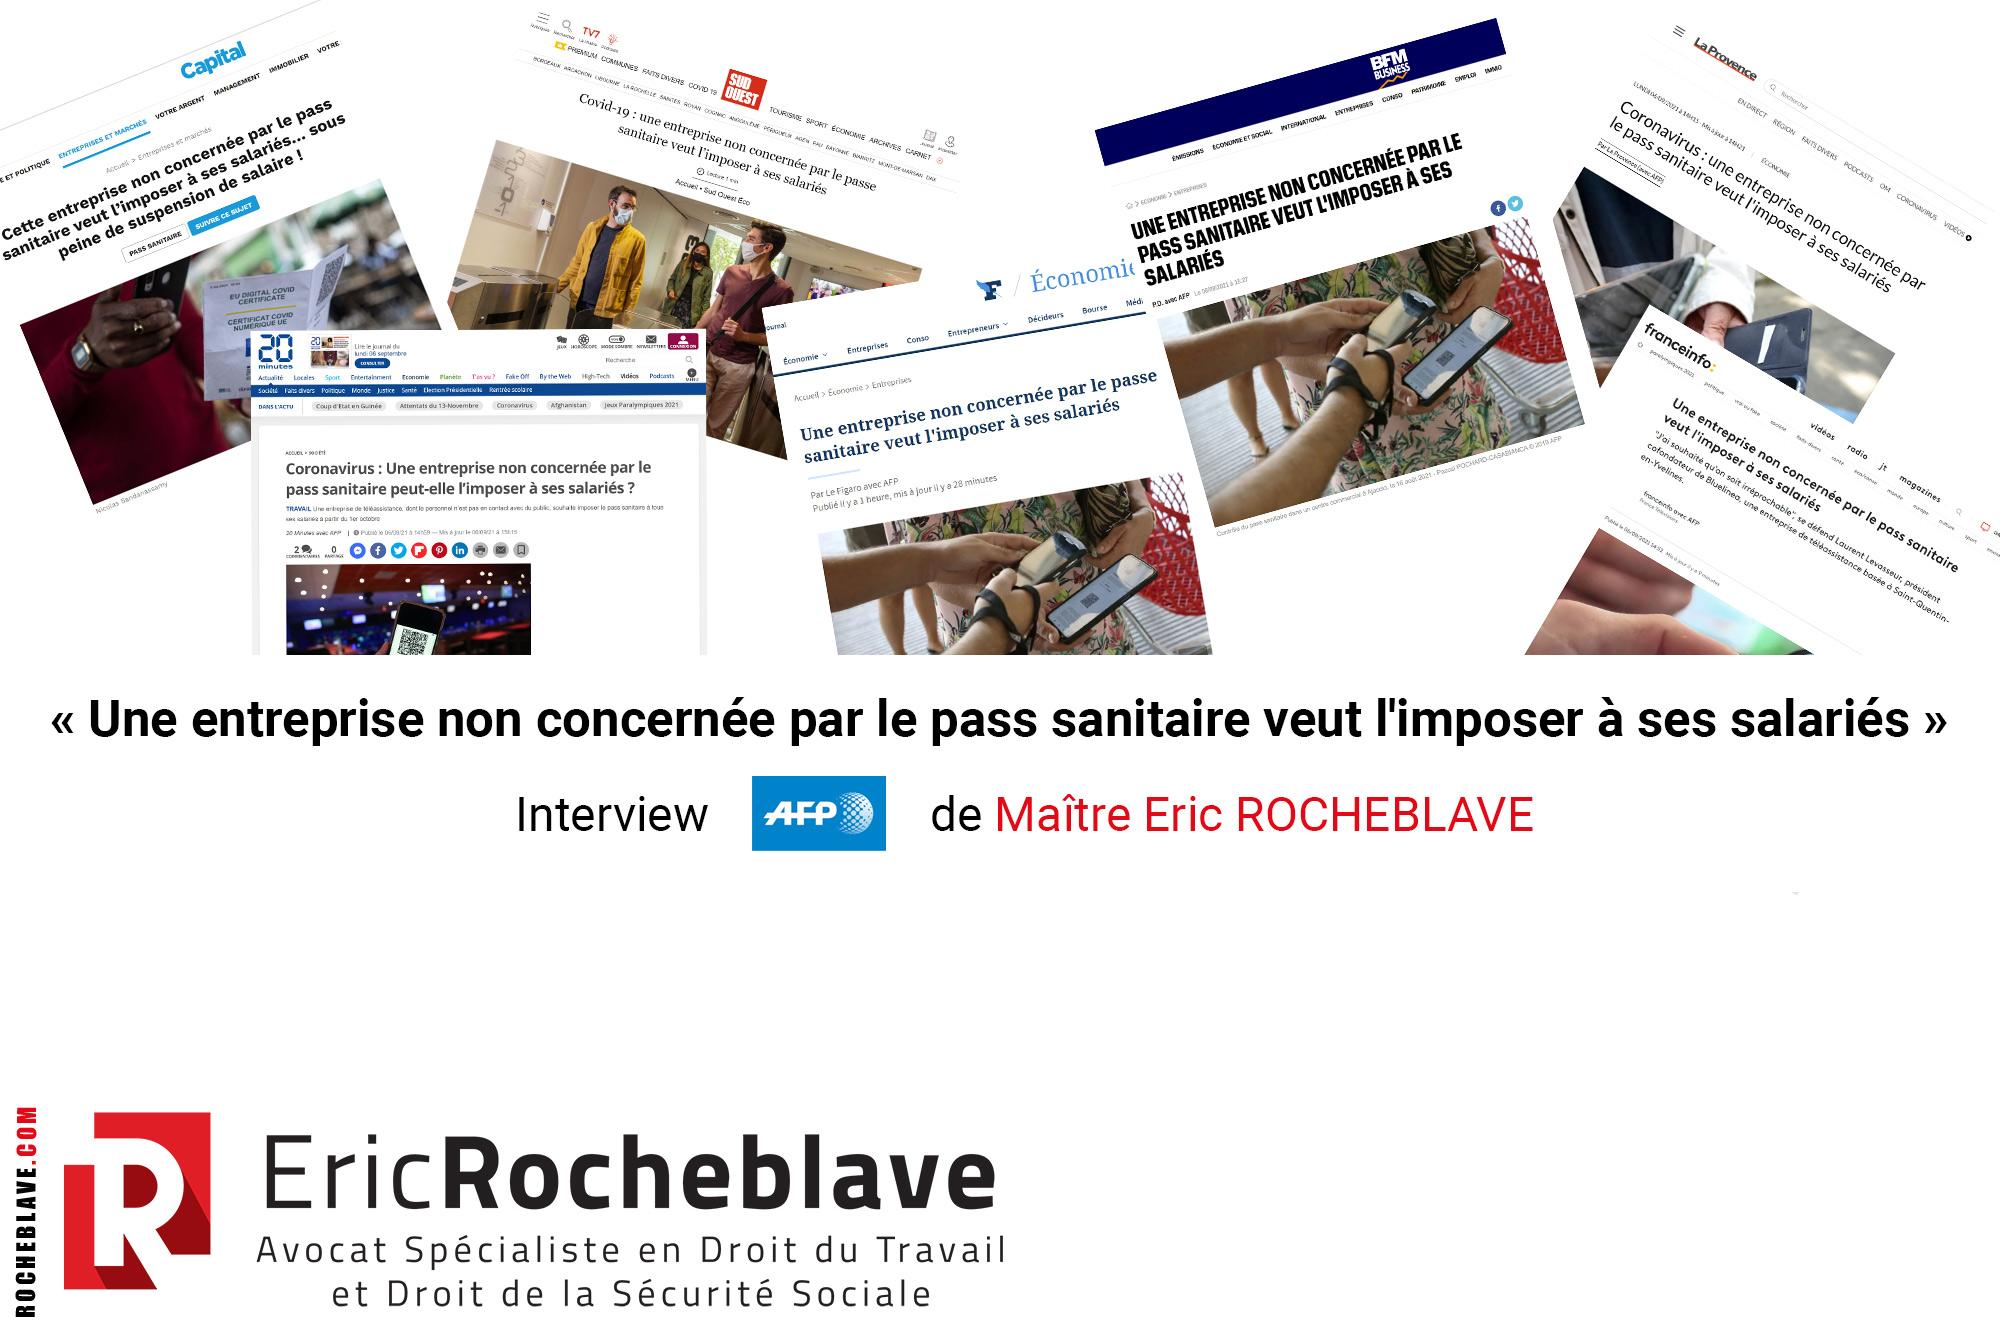 « Une entreprise non concernée par le pass sanitaire veut l'imposer à ses salariés » Interview AFP de Maître Eric ROCHEBLAVE